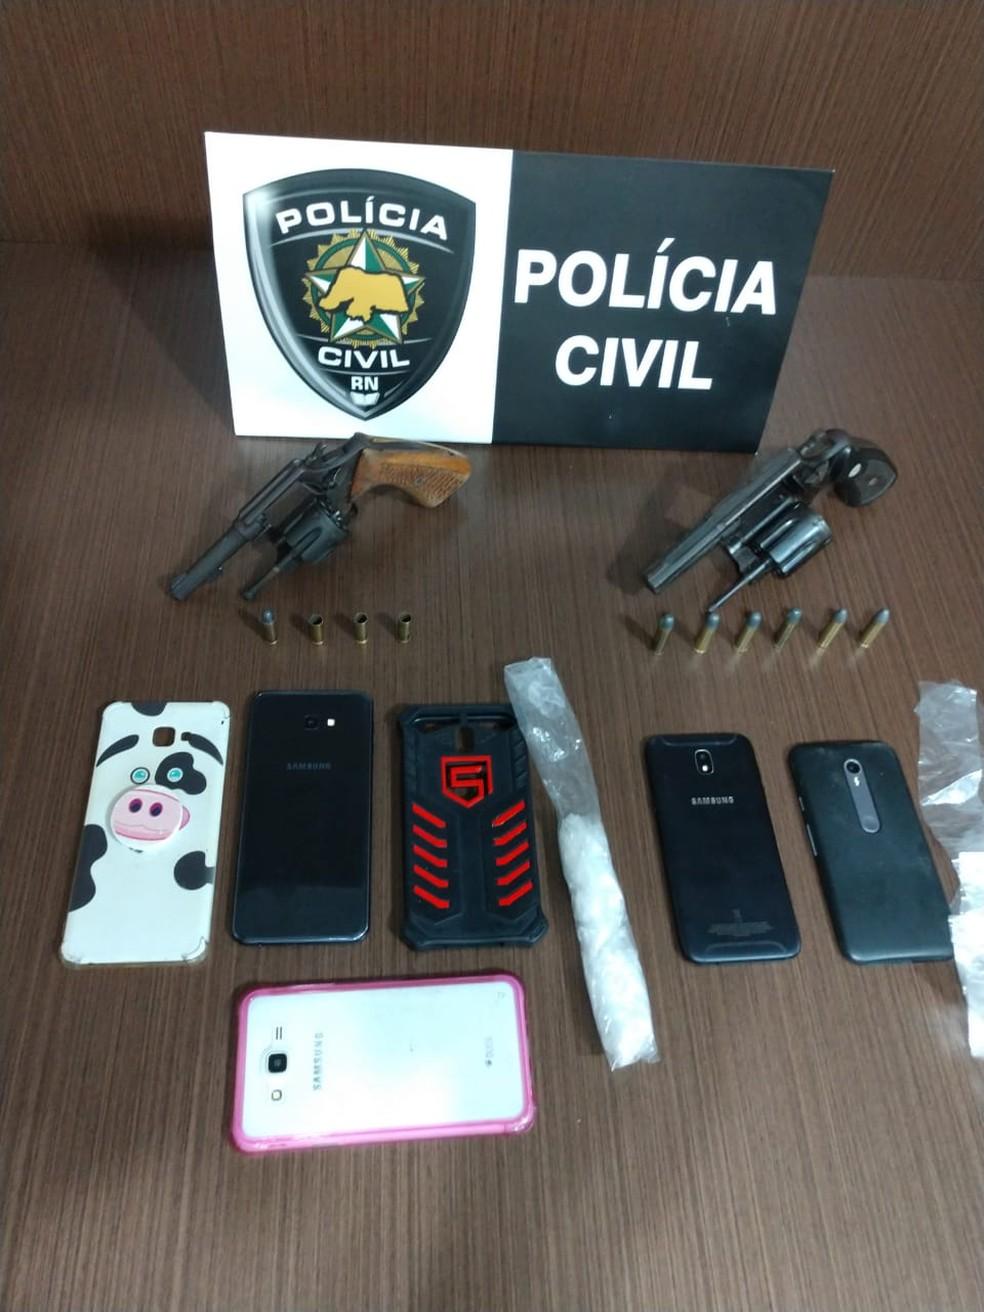 Armas e celulares foram apreendidos durante operação em Macaíba, na Grande Natal — Foto: Polícia Civil/Divulgação